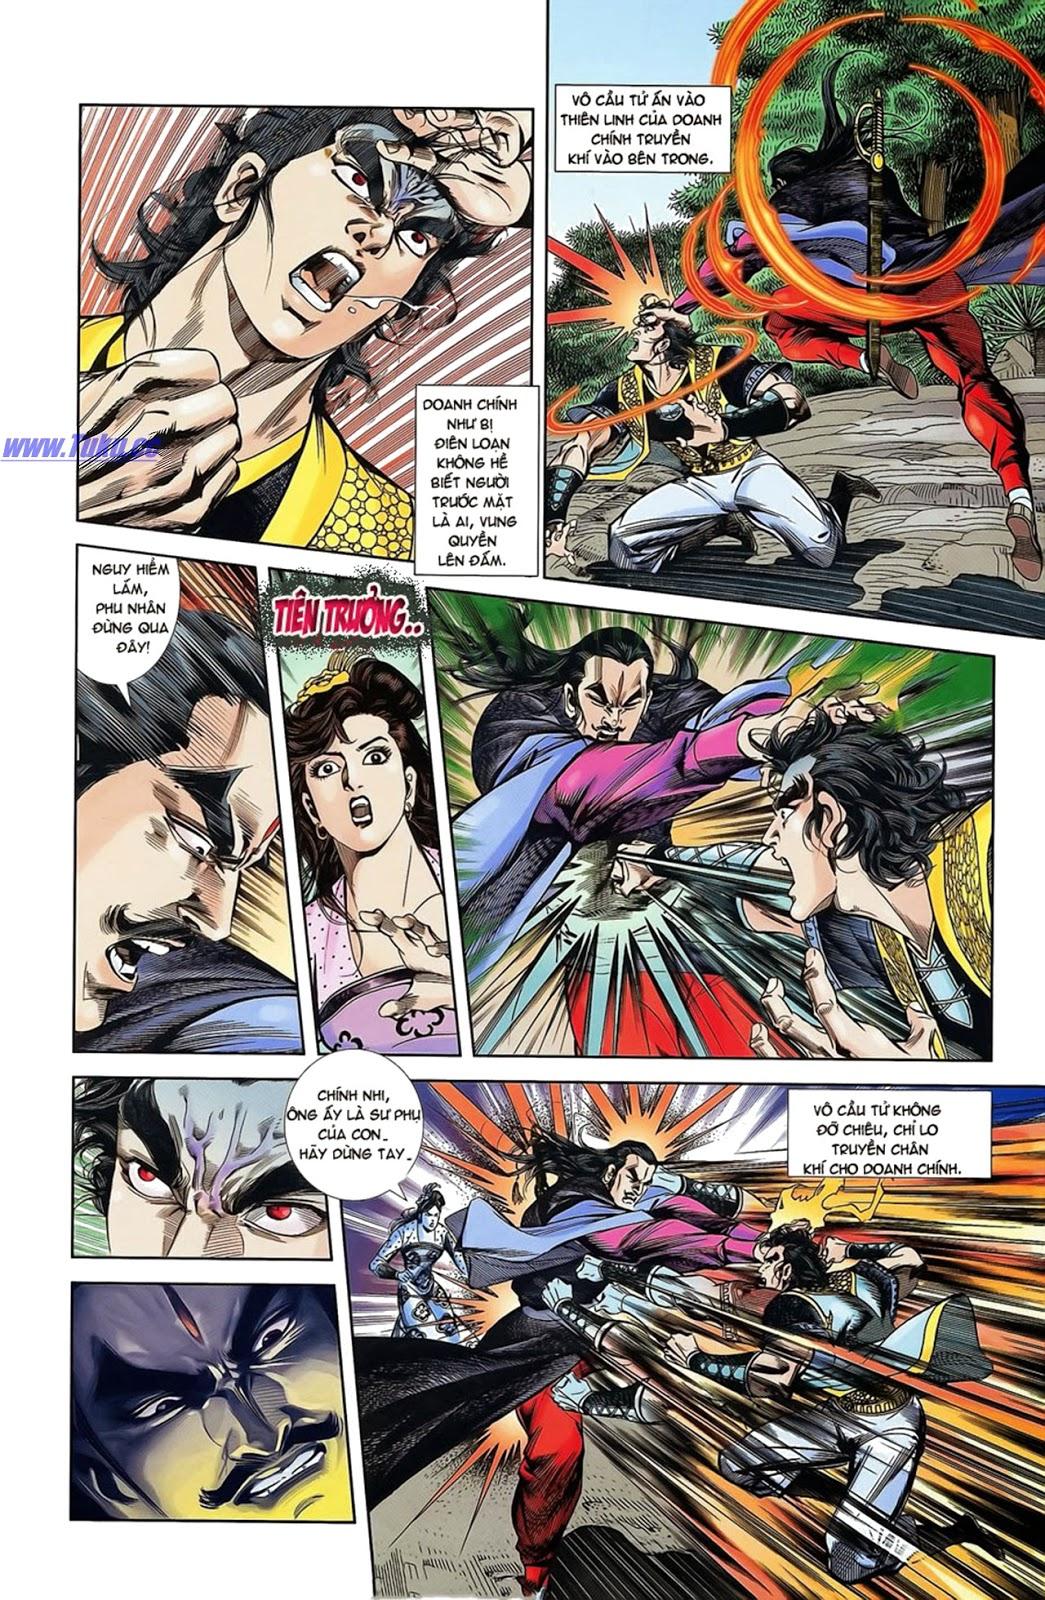 Tần Vương Doanh Chính chapter 15 trang 26